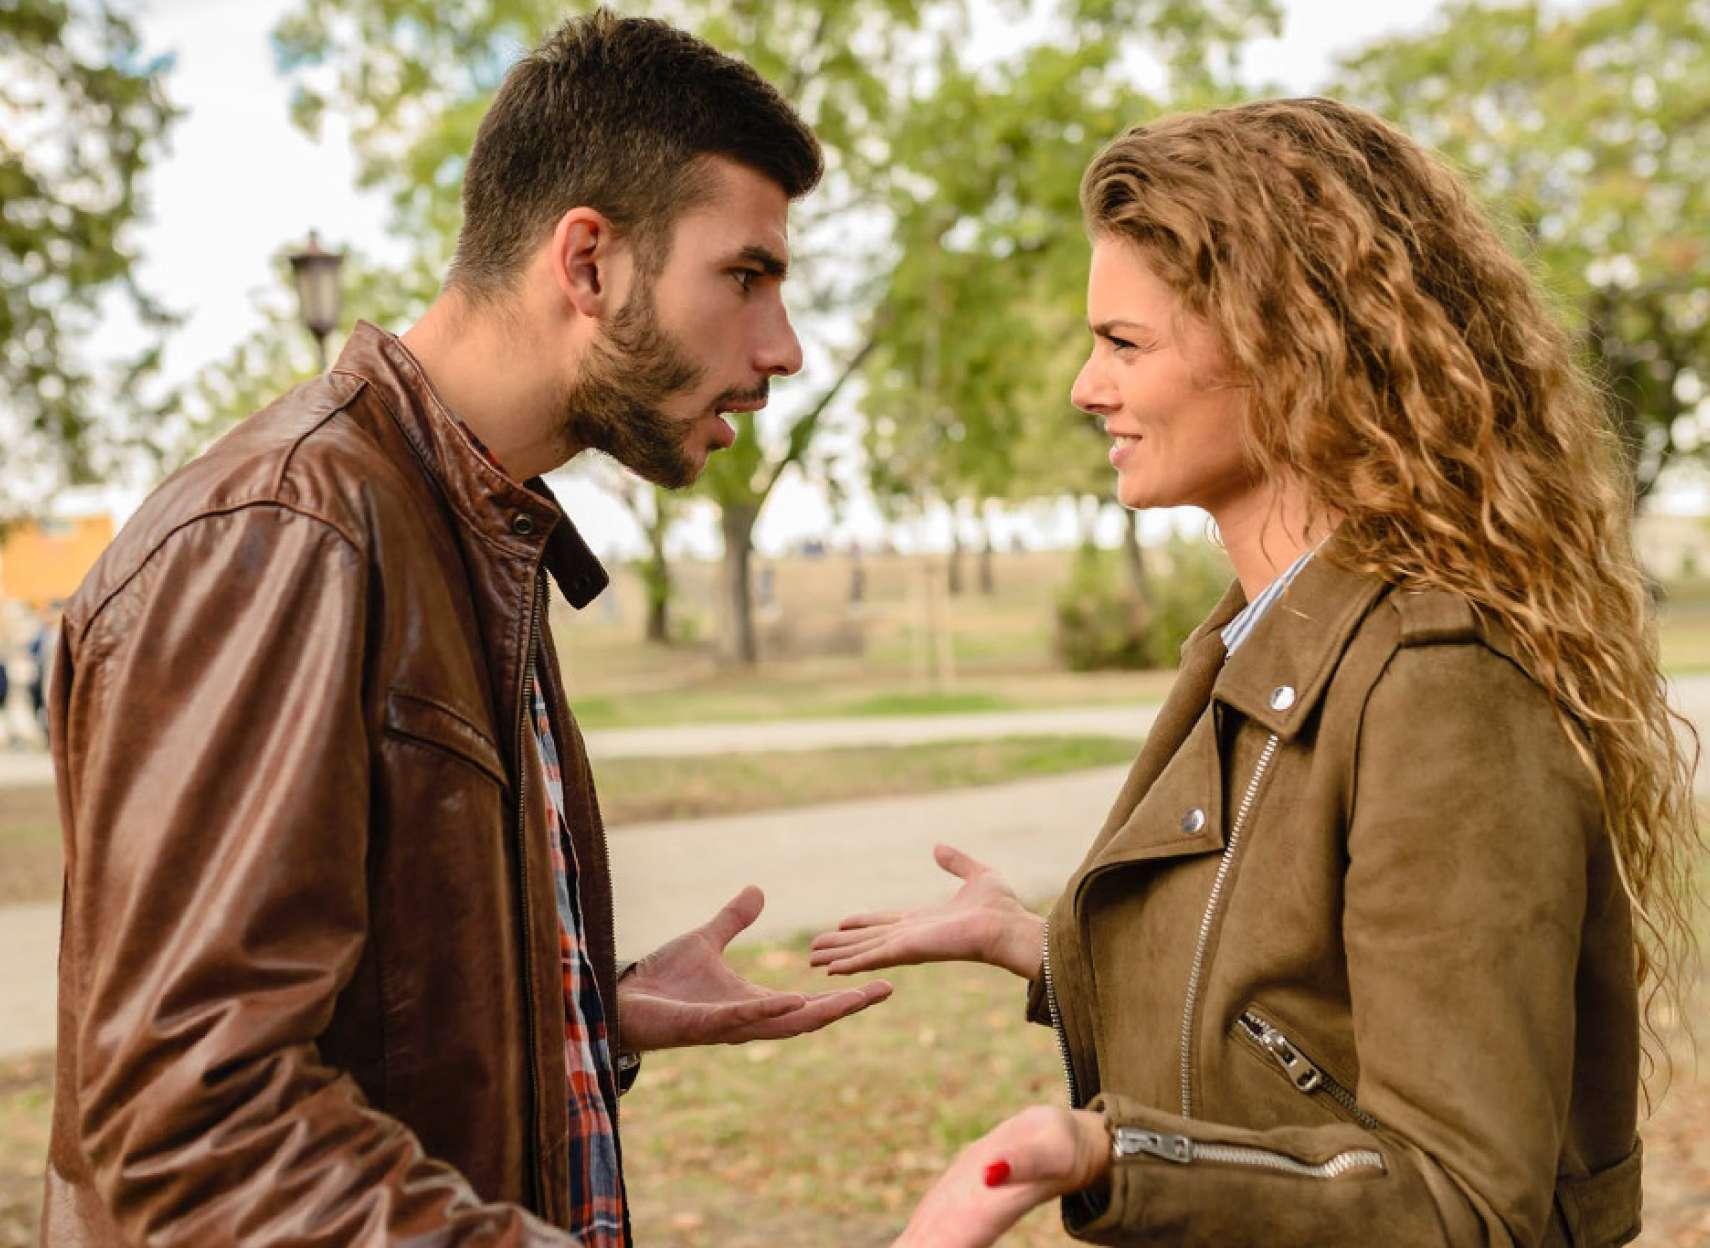 روانشناسی-داعی-بحثها-و-گفتگوهای-منفی-و-مخرب-زوجین-را-به-جدایی-میکشاند